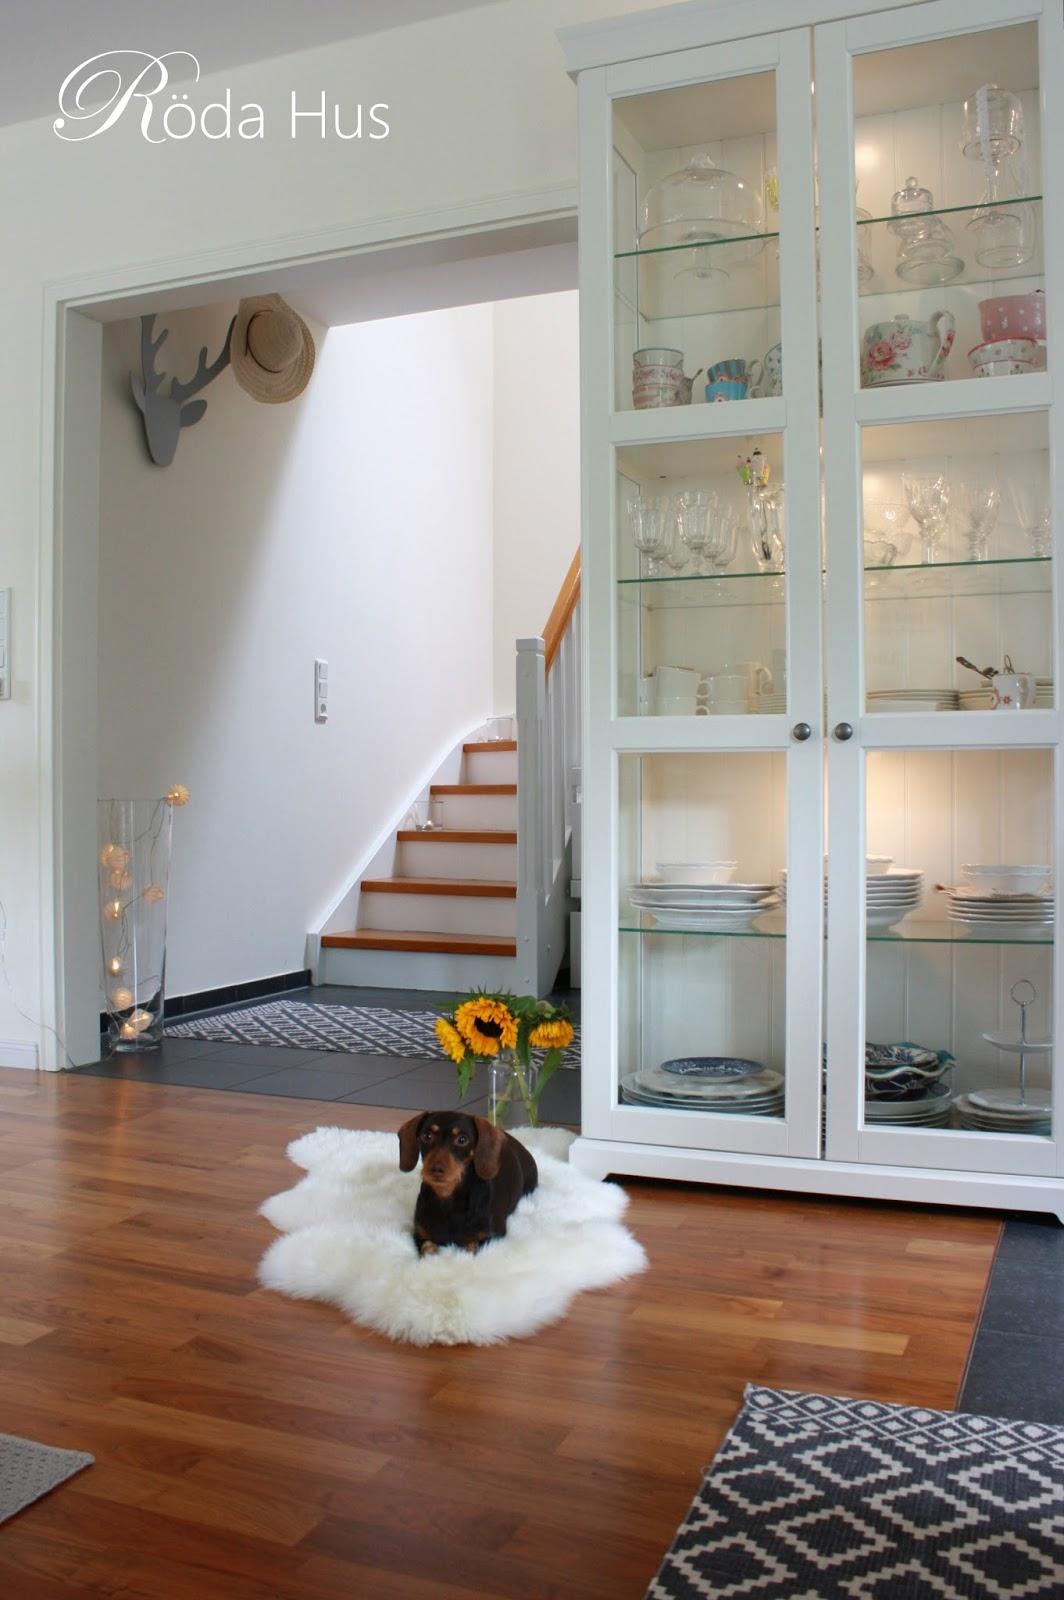 Treppe frisch gestrichen! Рr̦da hus